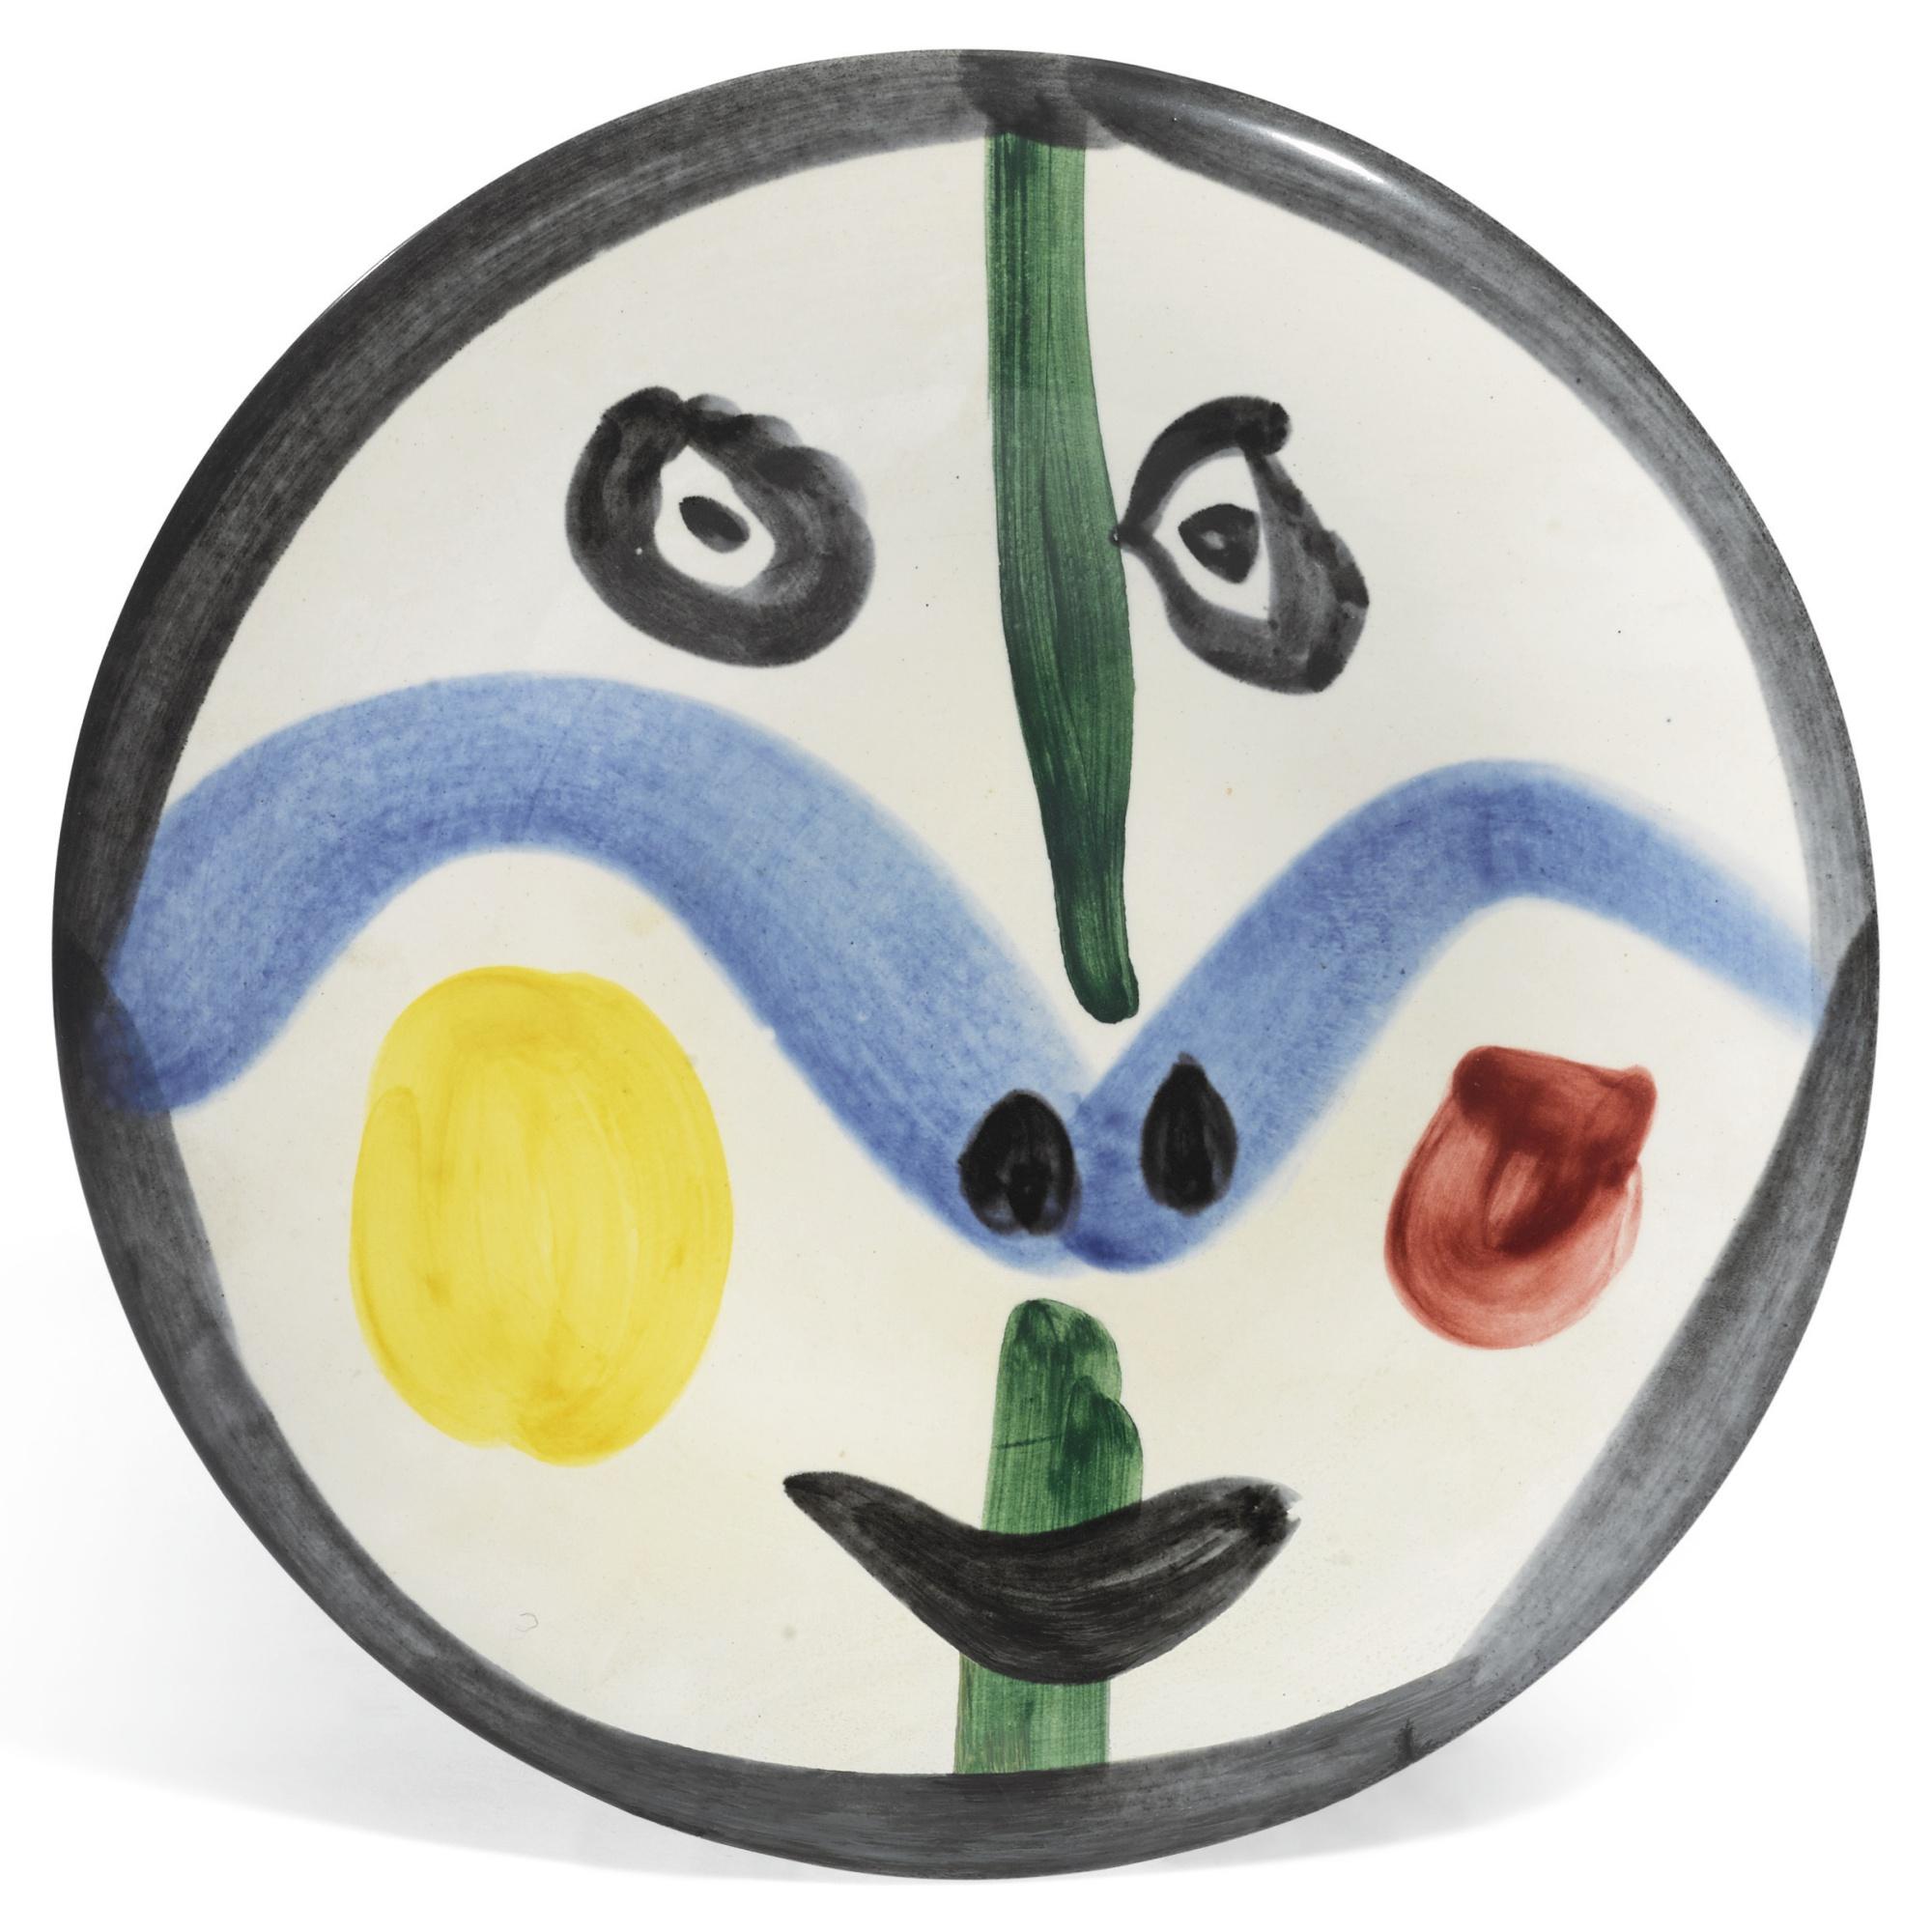 Pablo Picasso-Visage No. 0 (A. R. 458)-1963